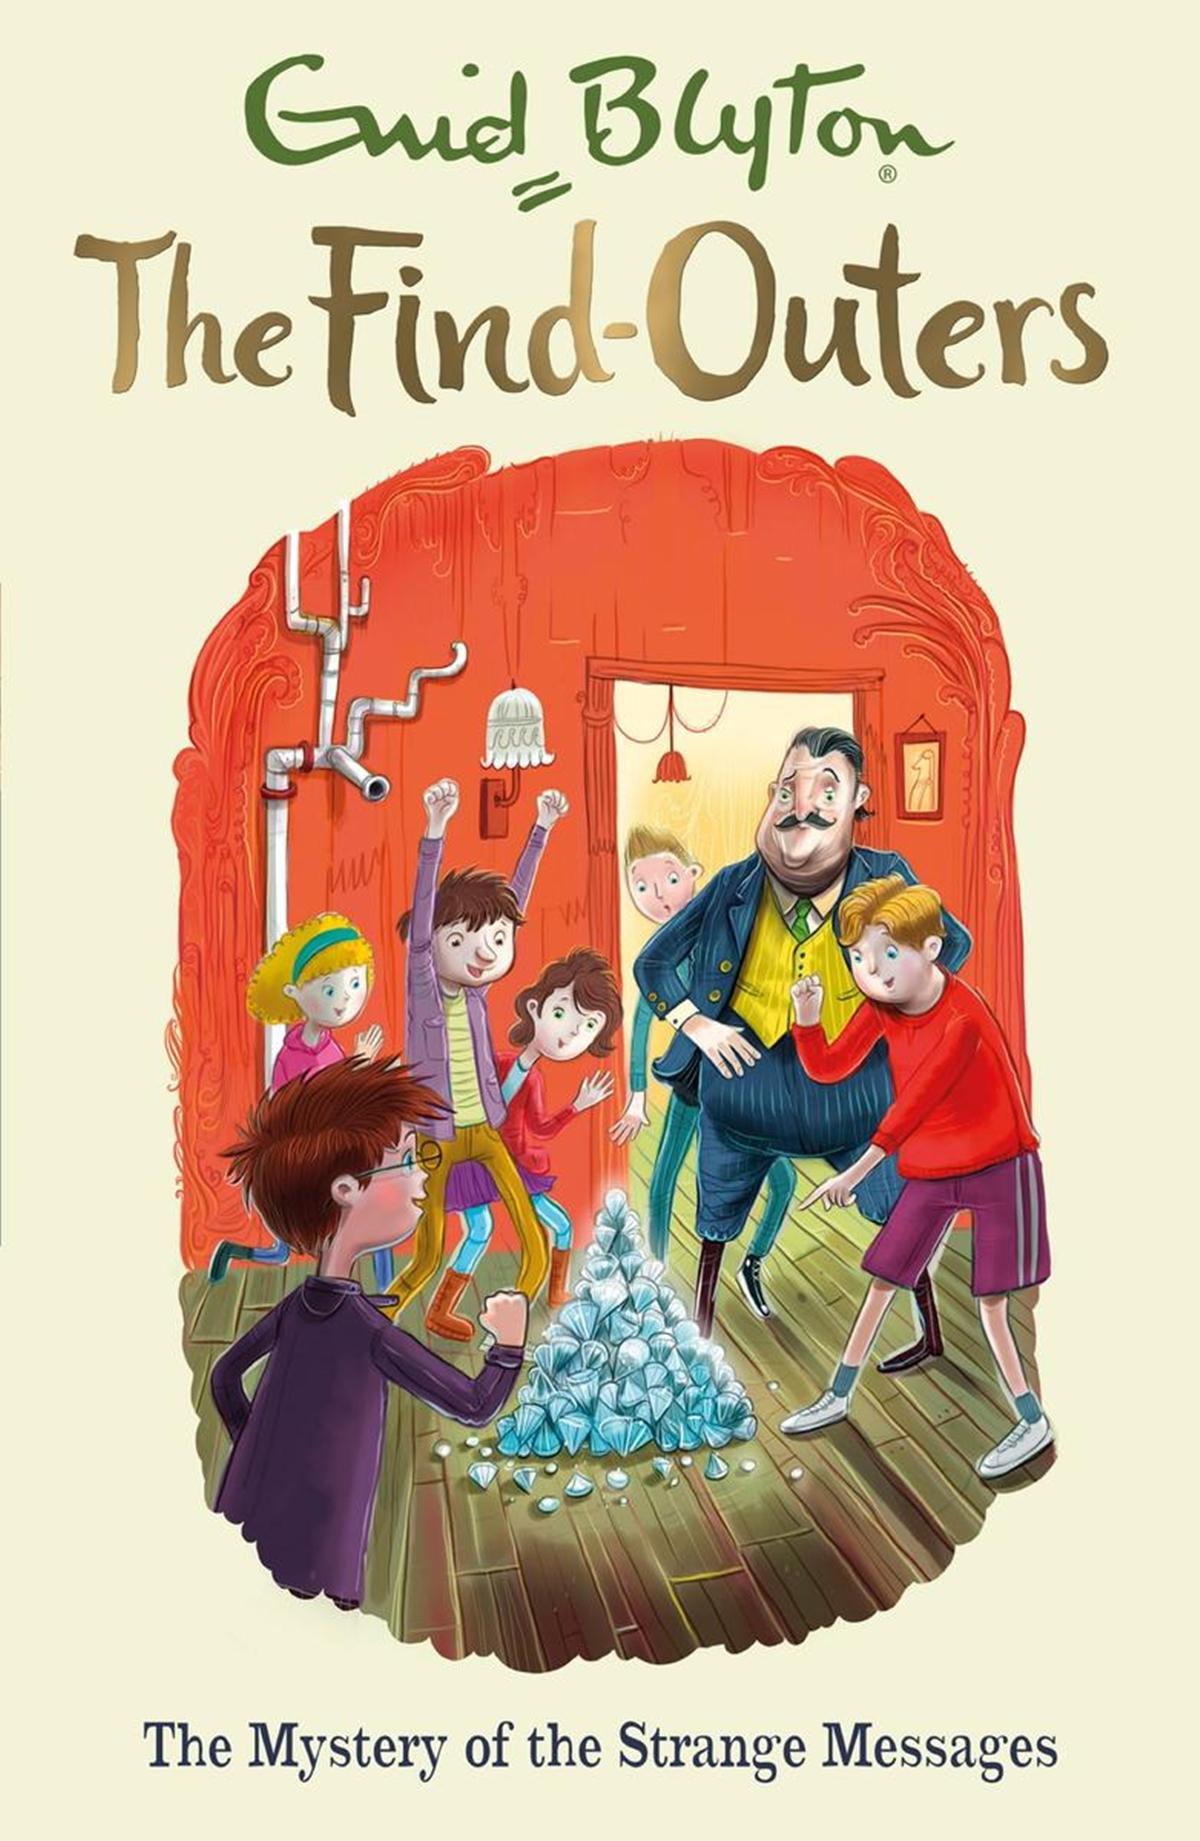 12 11 12 Enid Blyton Books We Loved Reading As Children